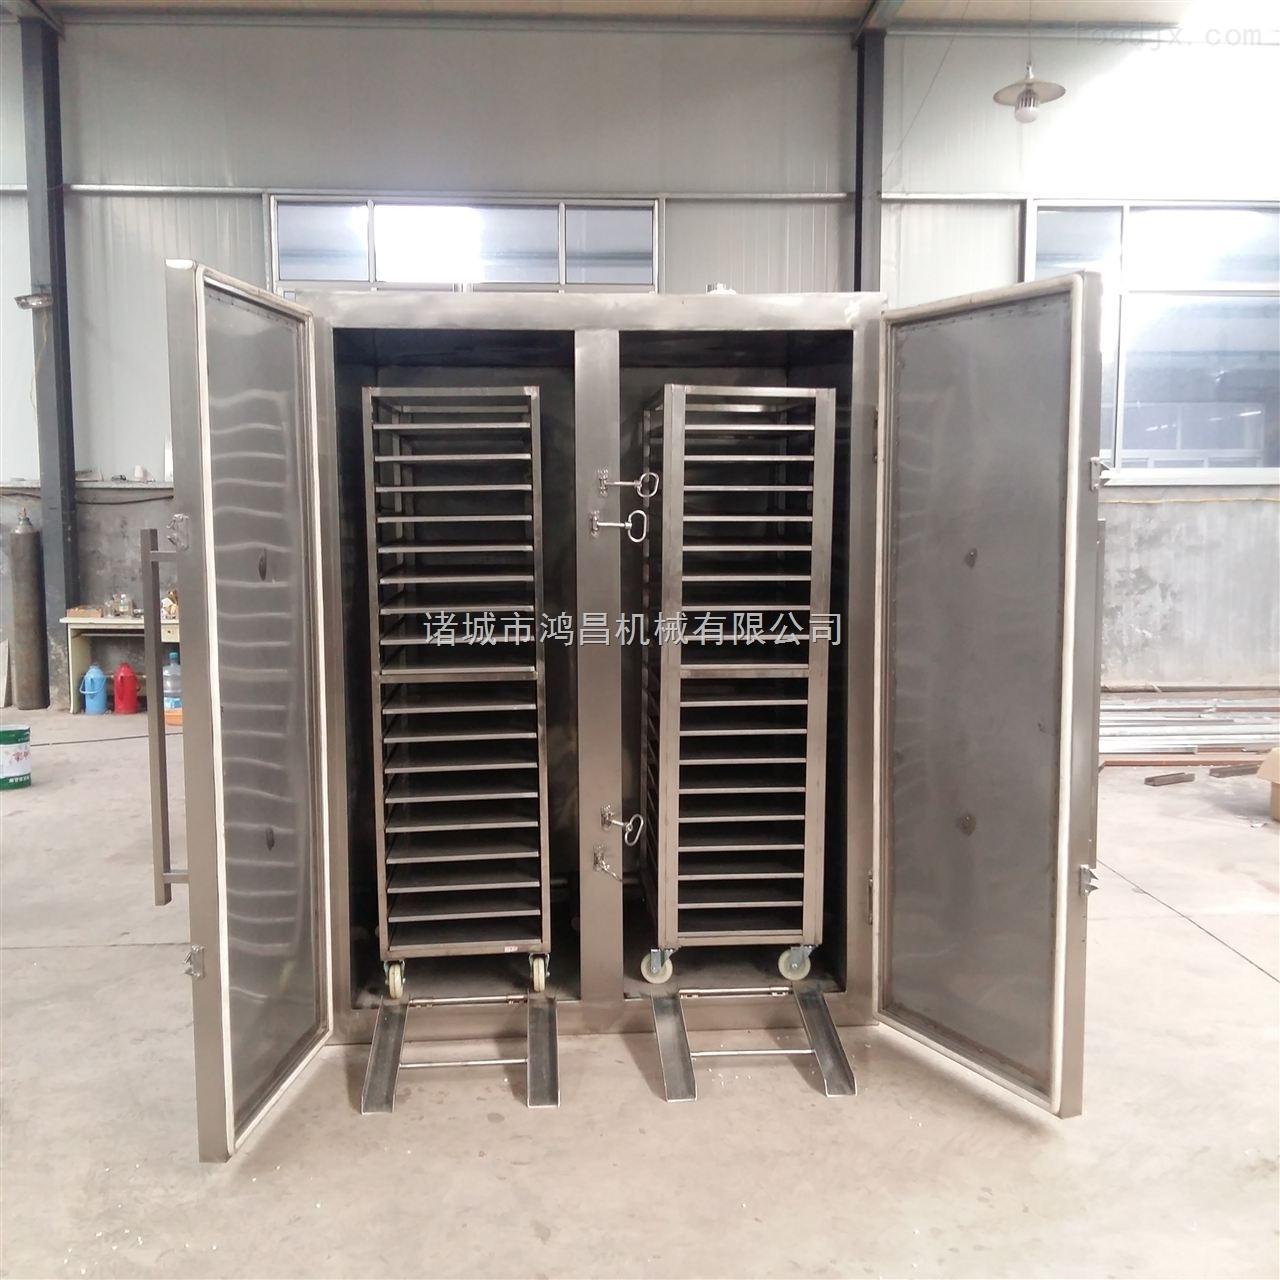 电加热蒸煮设备 蒸包柜 鸿昌定制